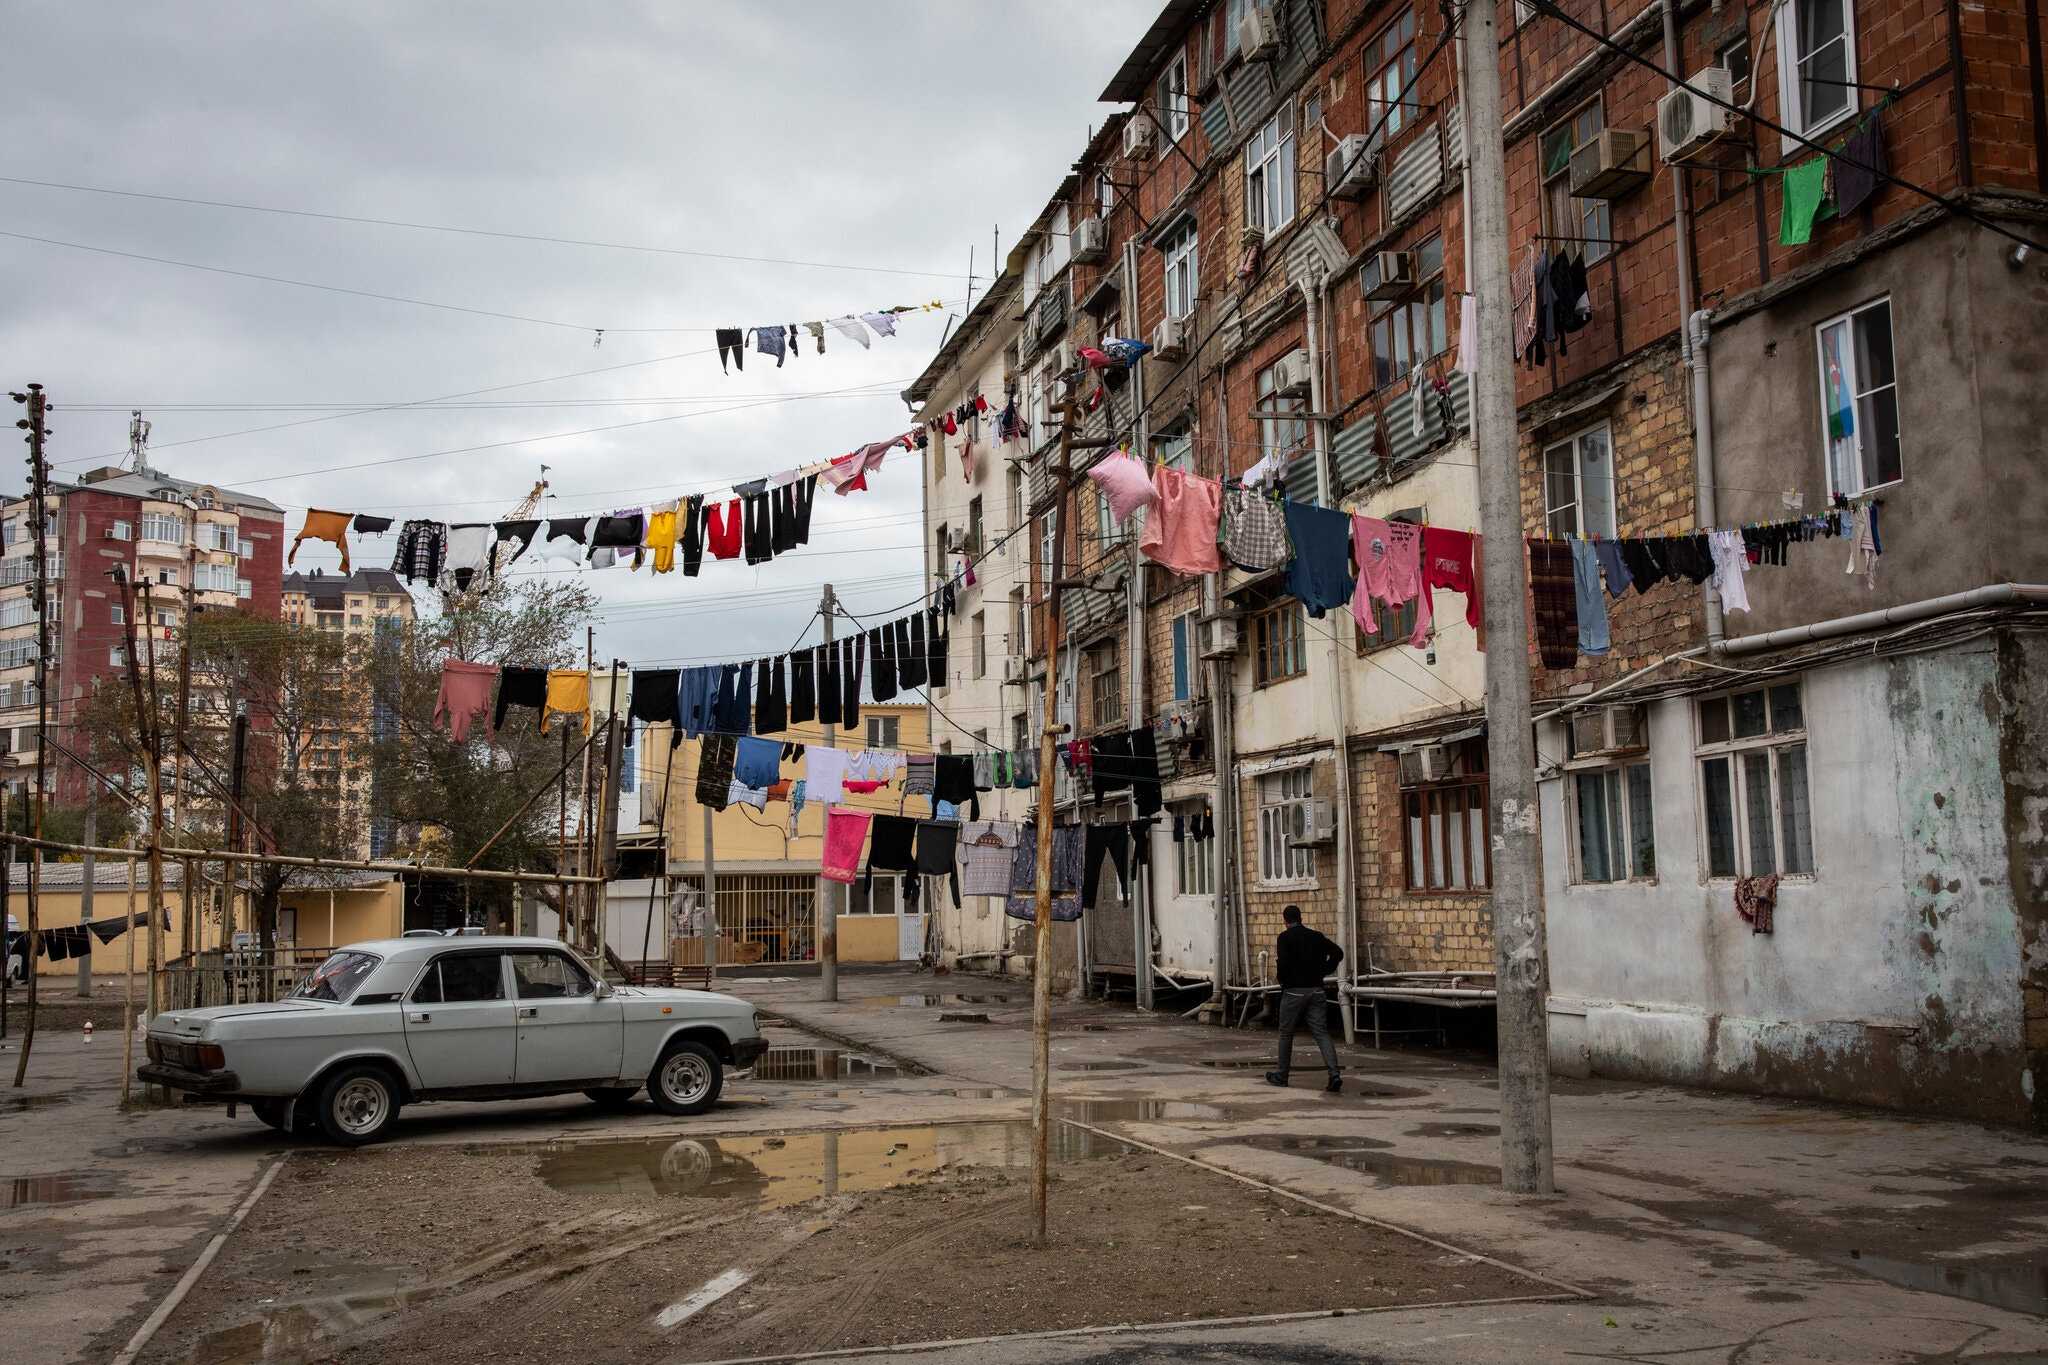 جنگ قره باغ؛ روایت مردم عادی از غمها و شادیها